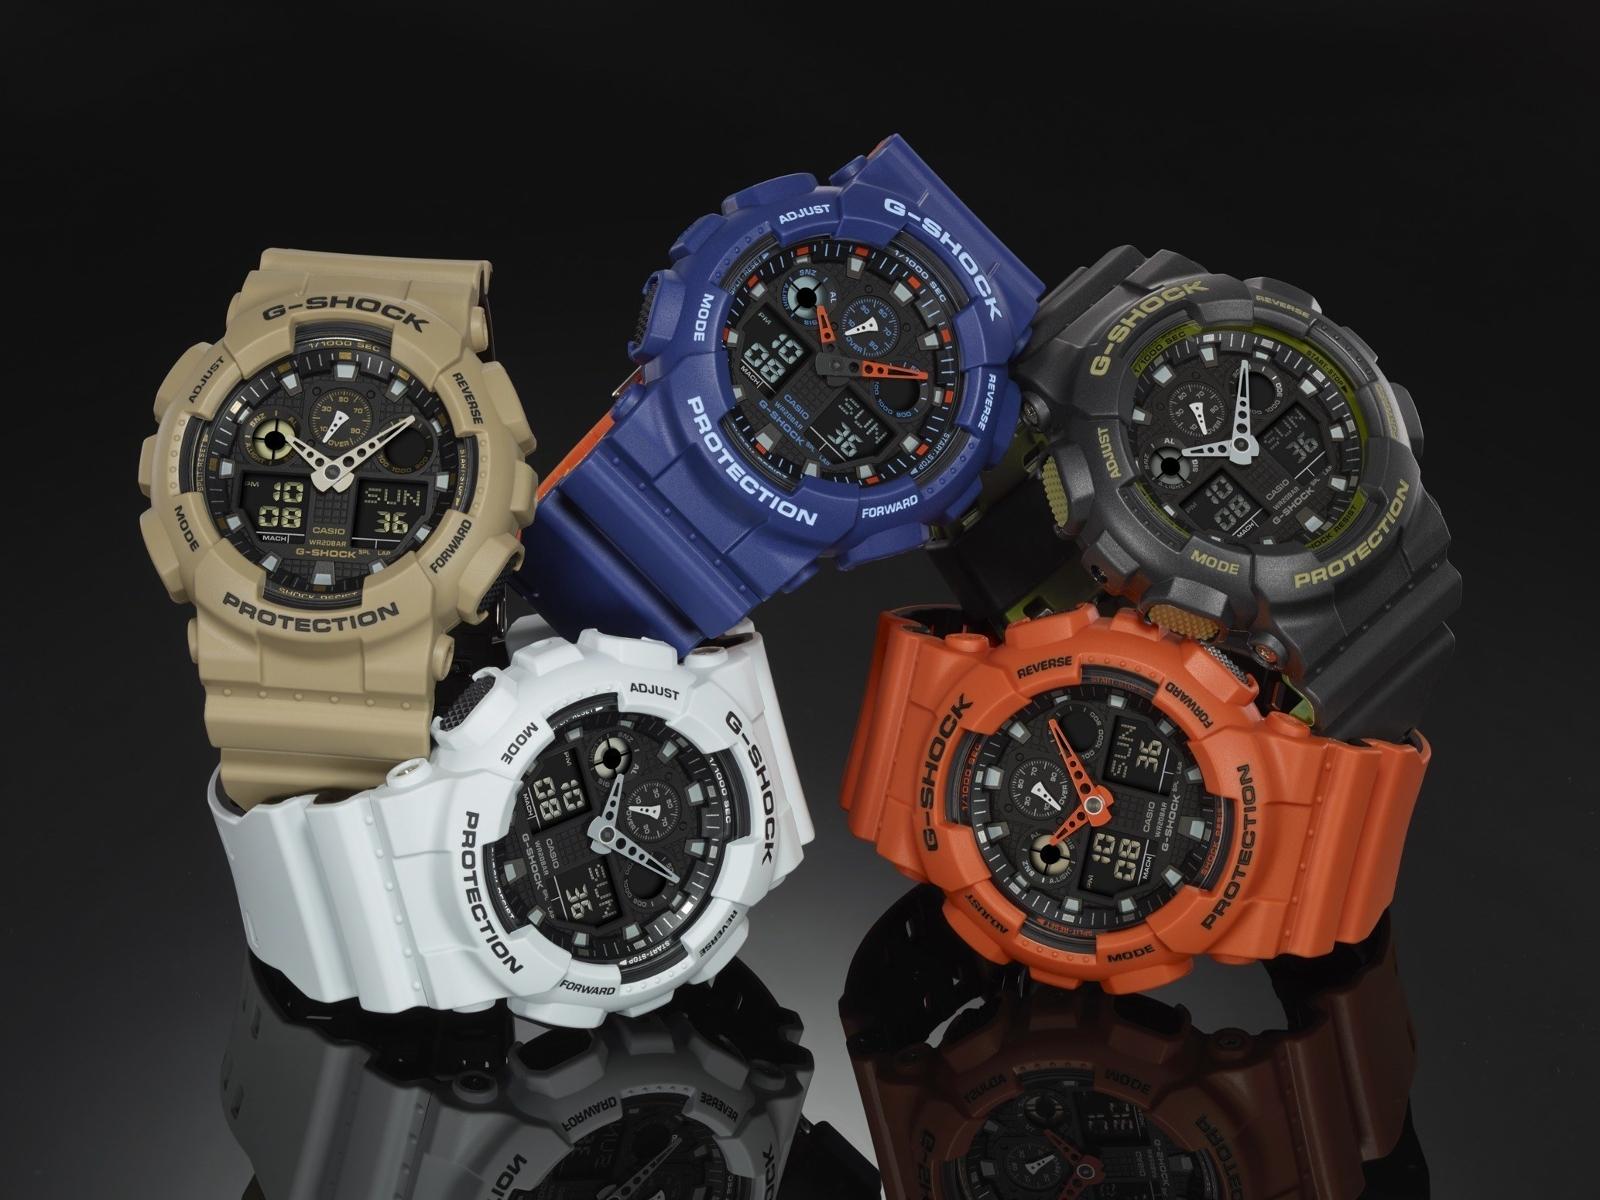 นาฬิกาออกใหม่ casio รุ่น GA-100L-8ADR